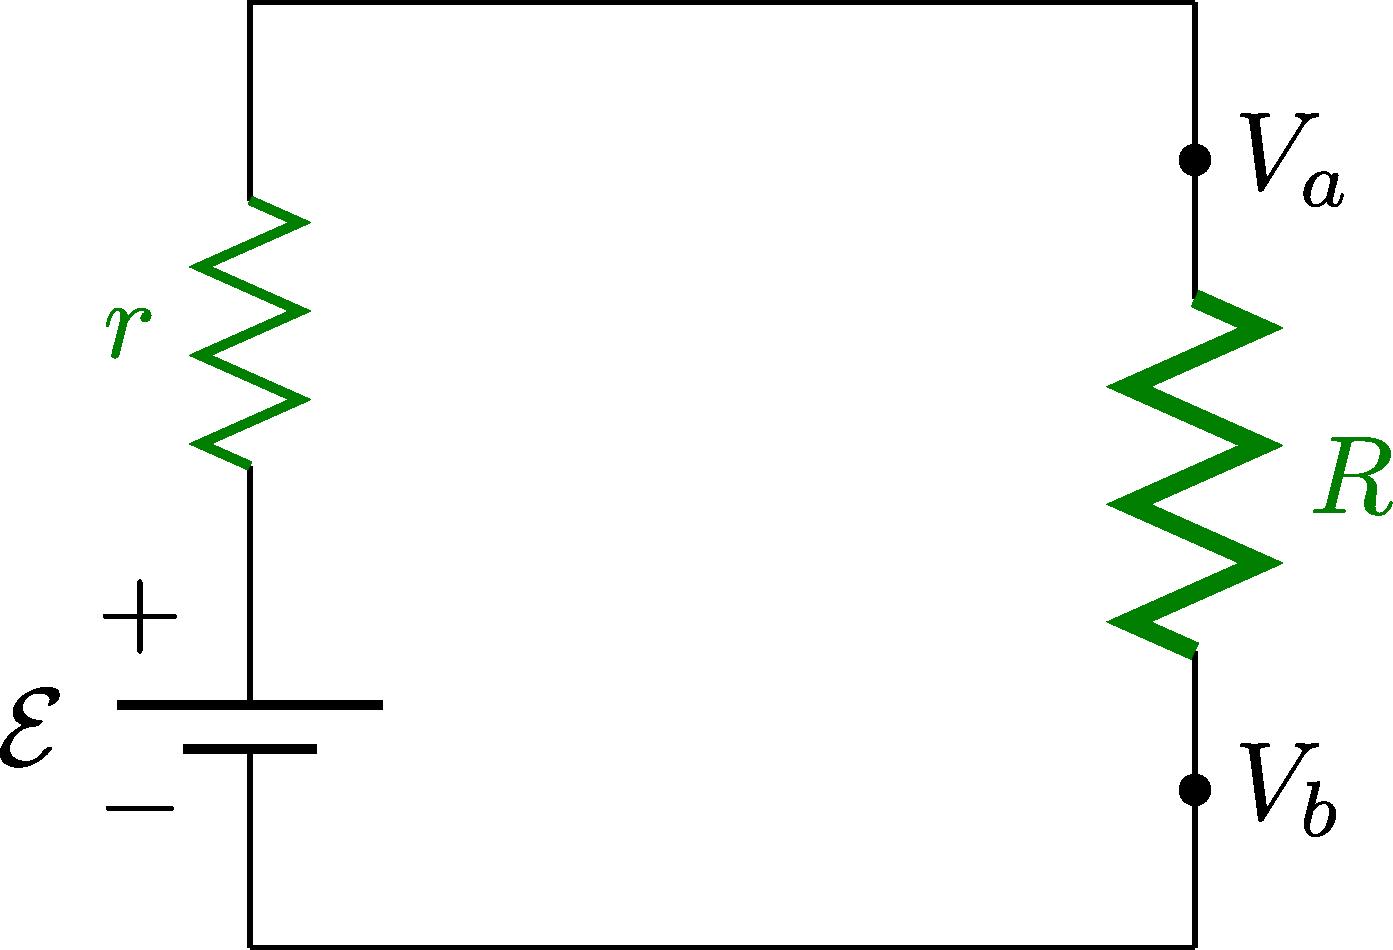 electric_circuit_resistor-004.png